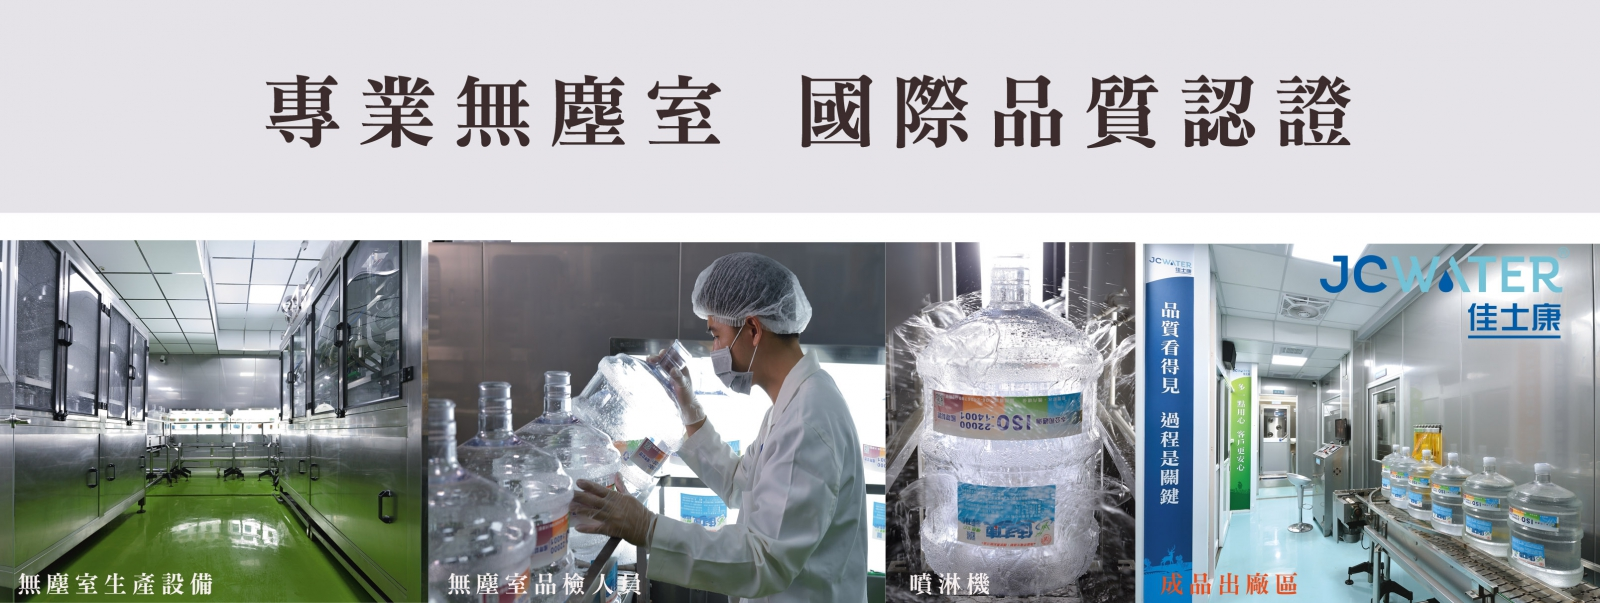 桶裝水 專業無塵室 國際品質認證